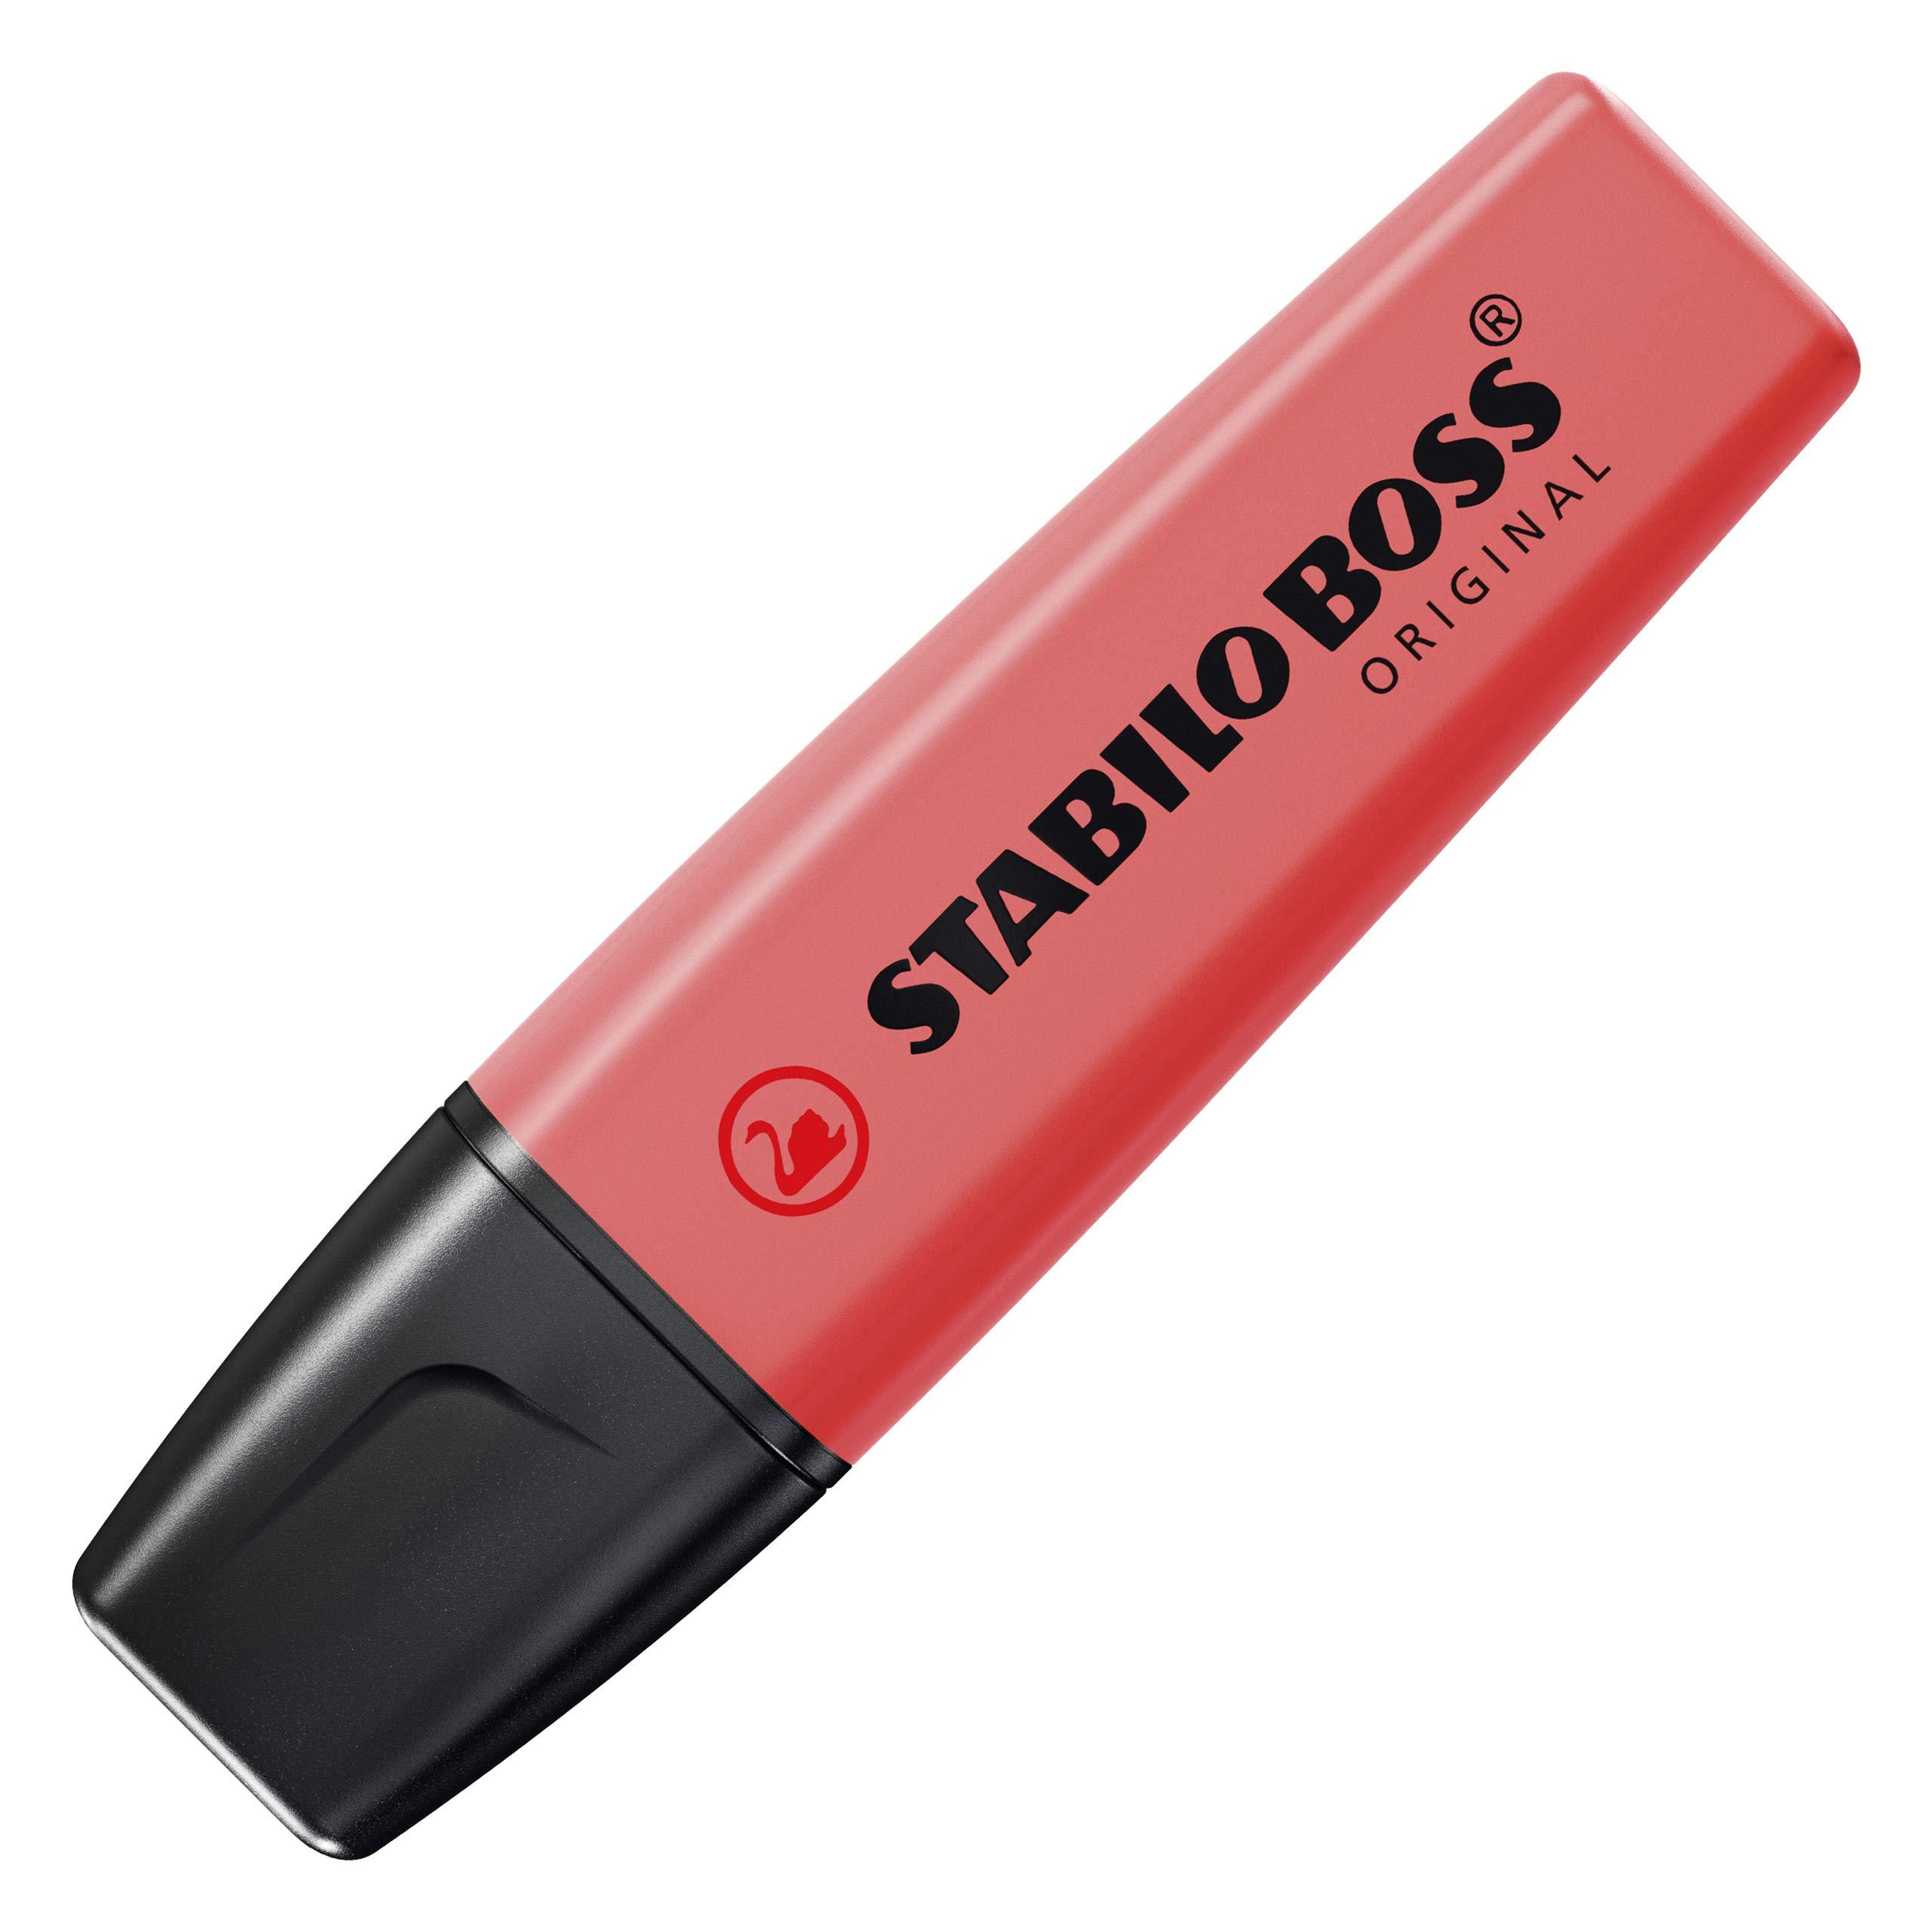 Stabilo 70/4-40 Boss Original - Marcadores fluorescentes recargables (4 unidades), color rojo: Amazon.es: Oficina y papelería